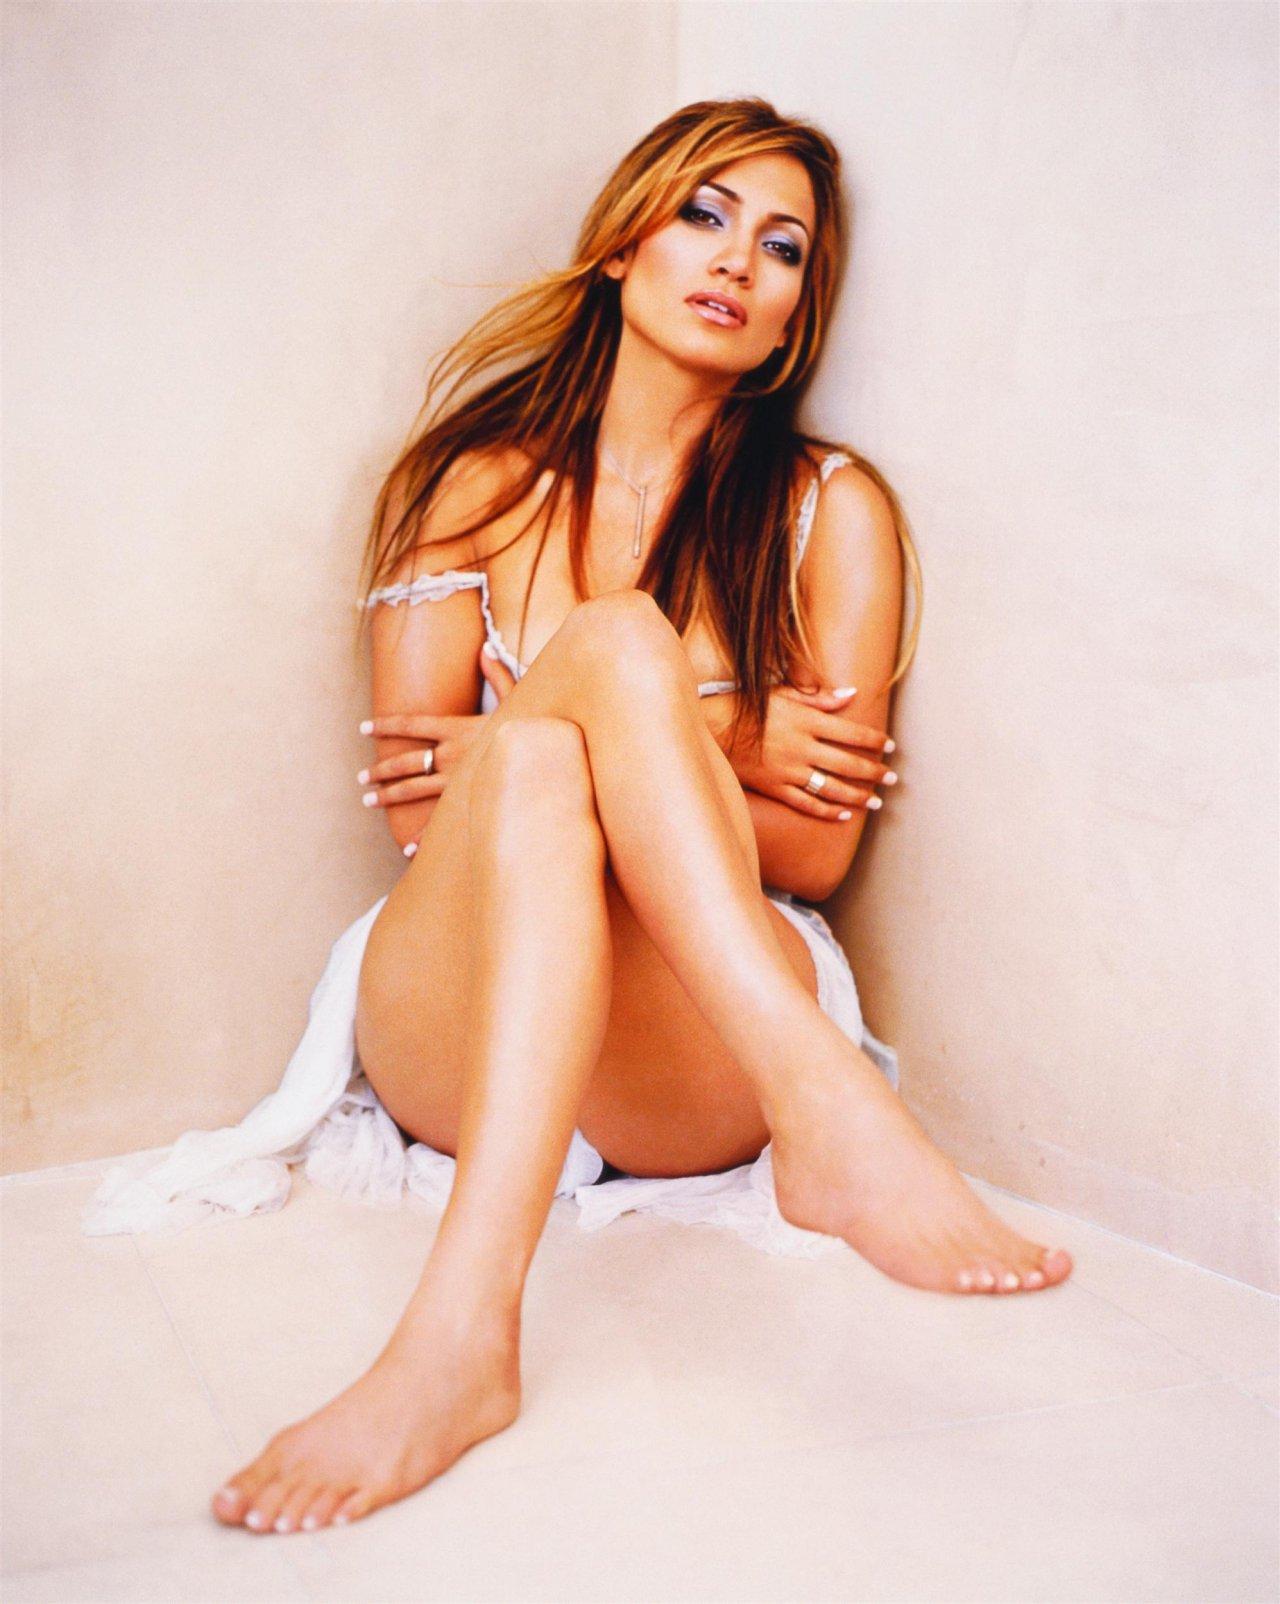 Дженифер лопес голая